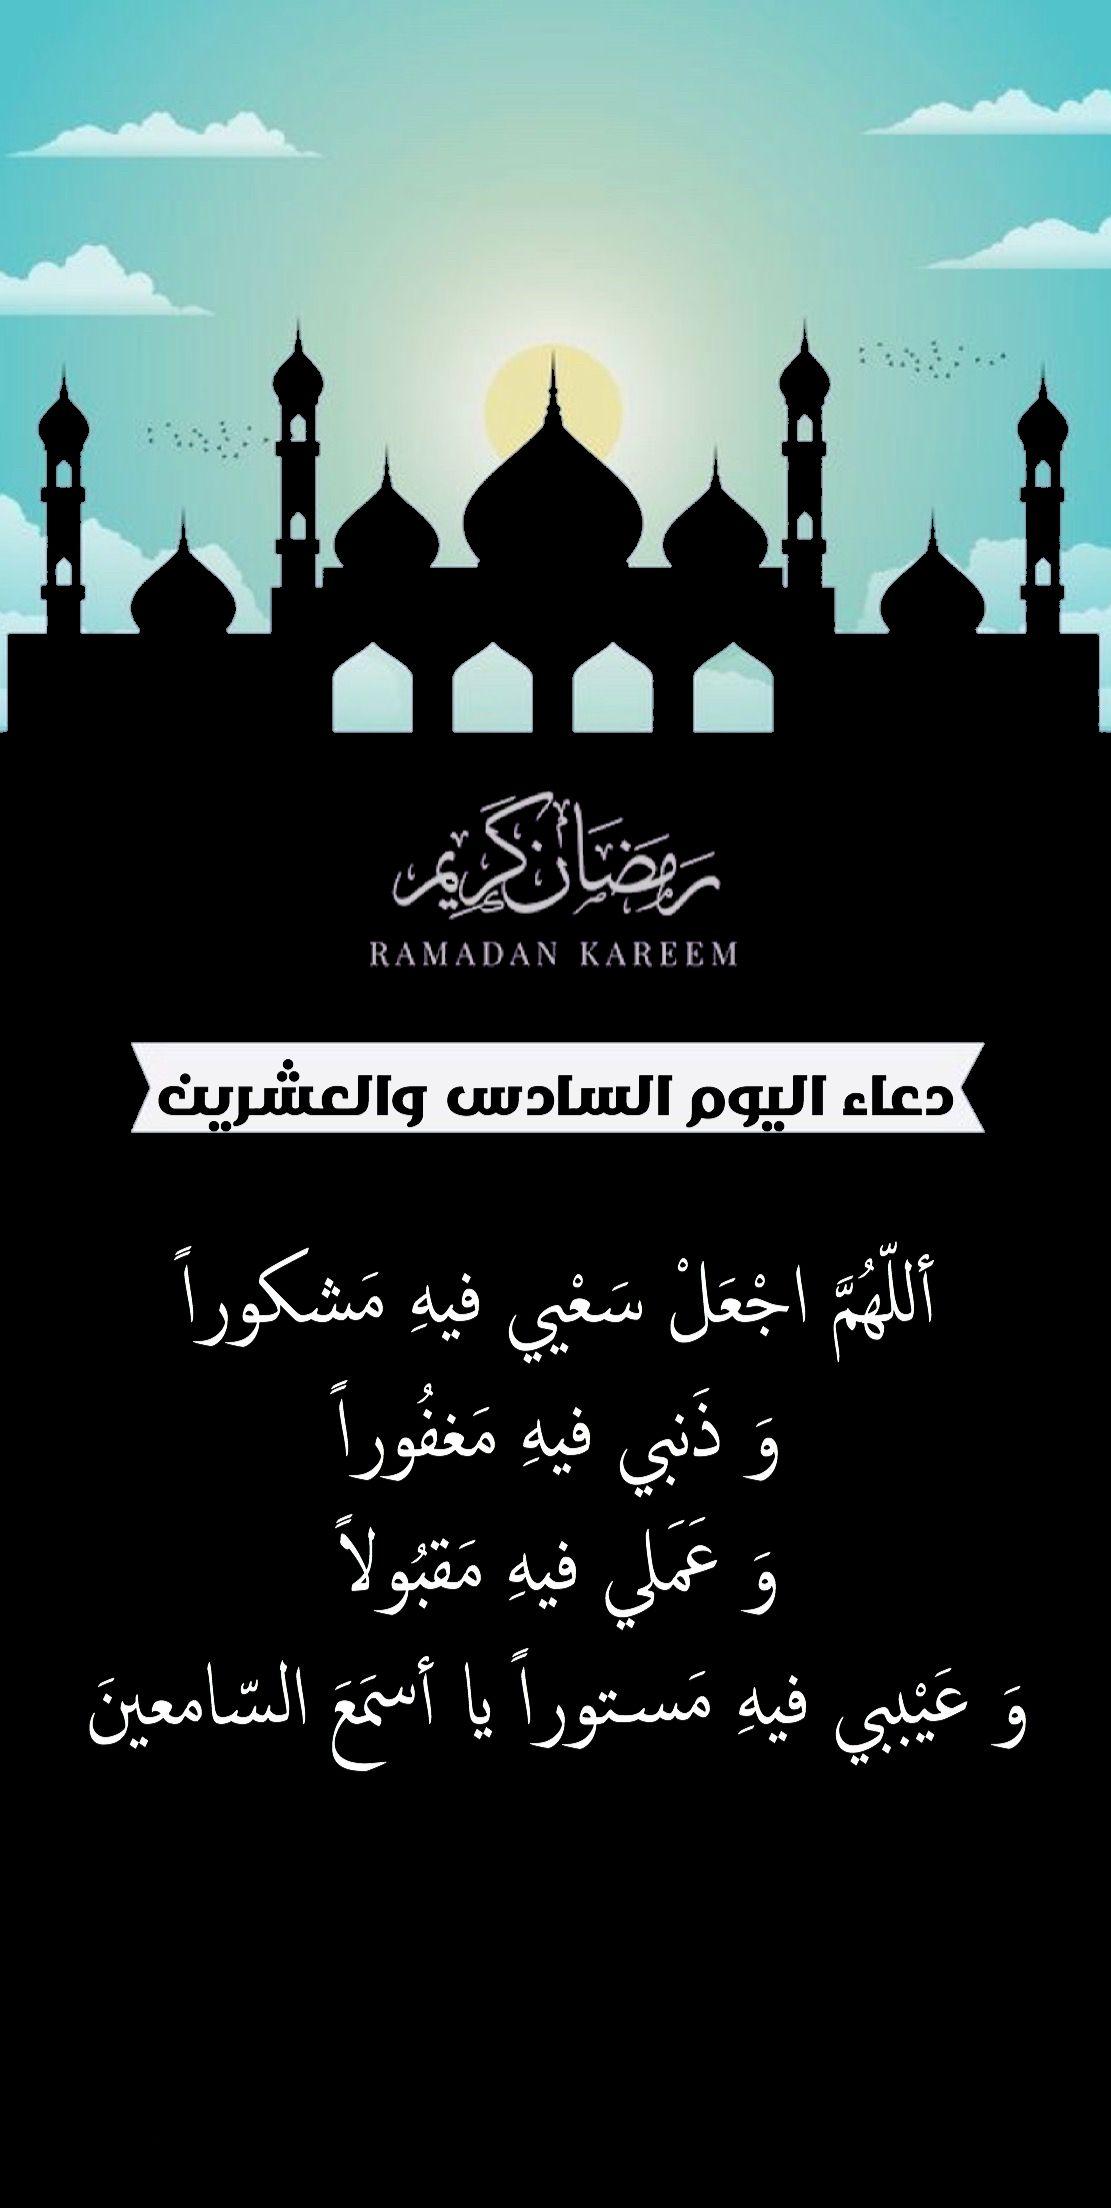 دعاء اسلام رمضان رمضان كريم شهر الخير Ramadan Arab Muslim Ramadan Kareem Ramadan Poster